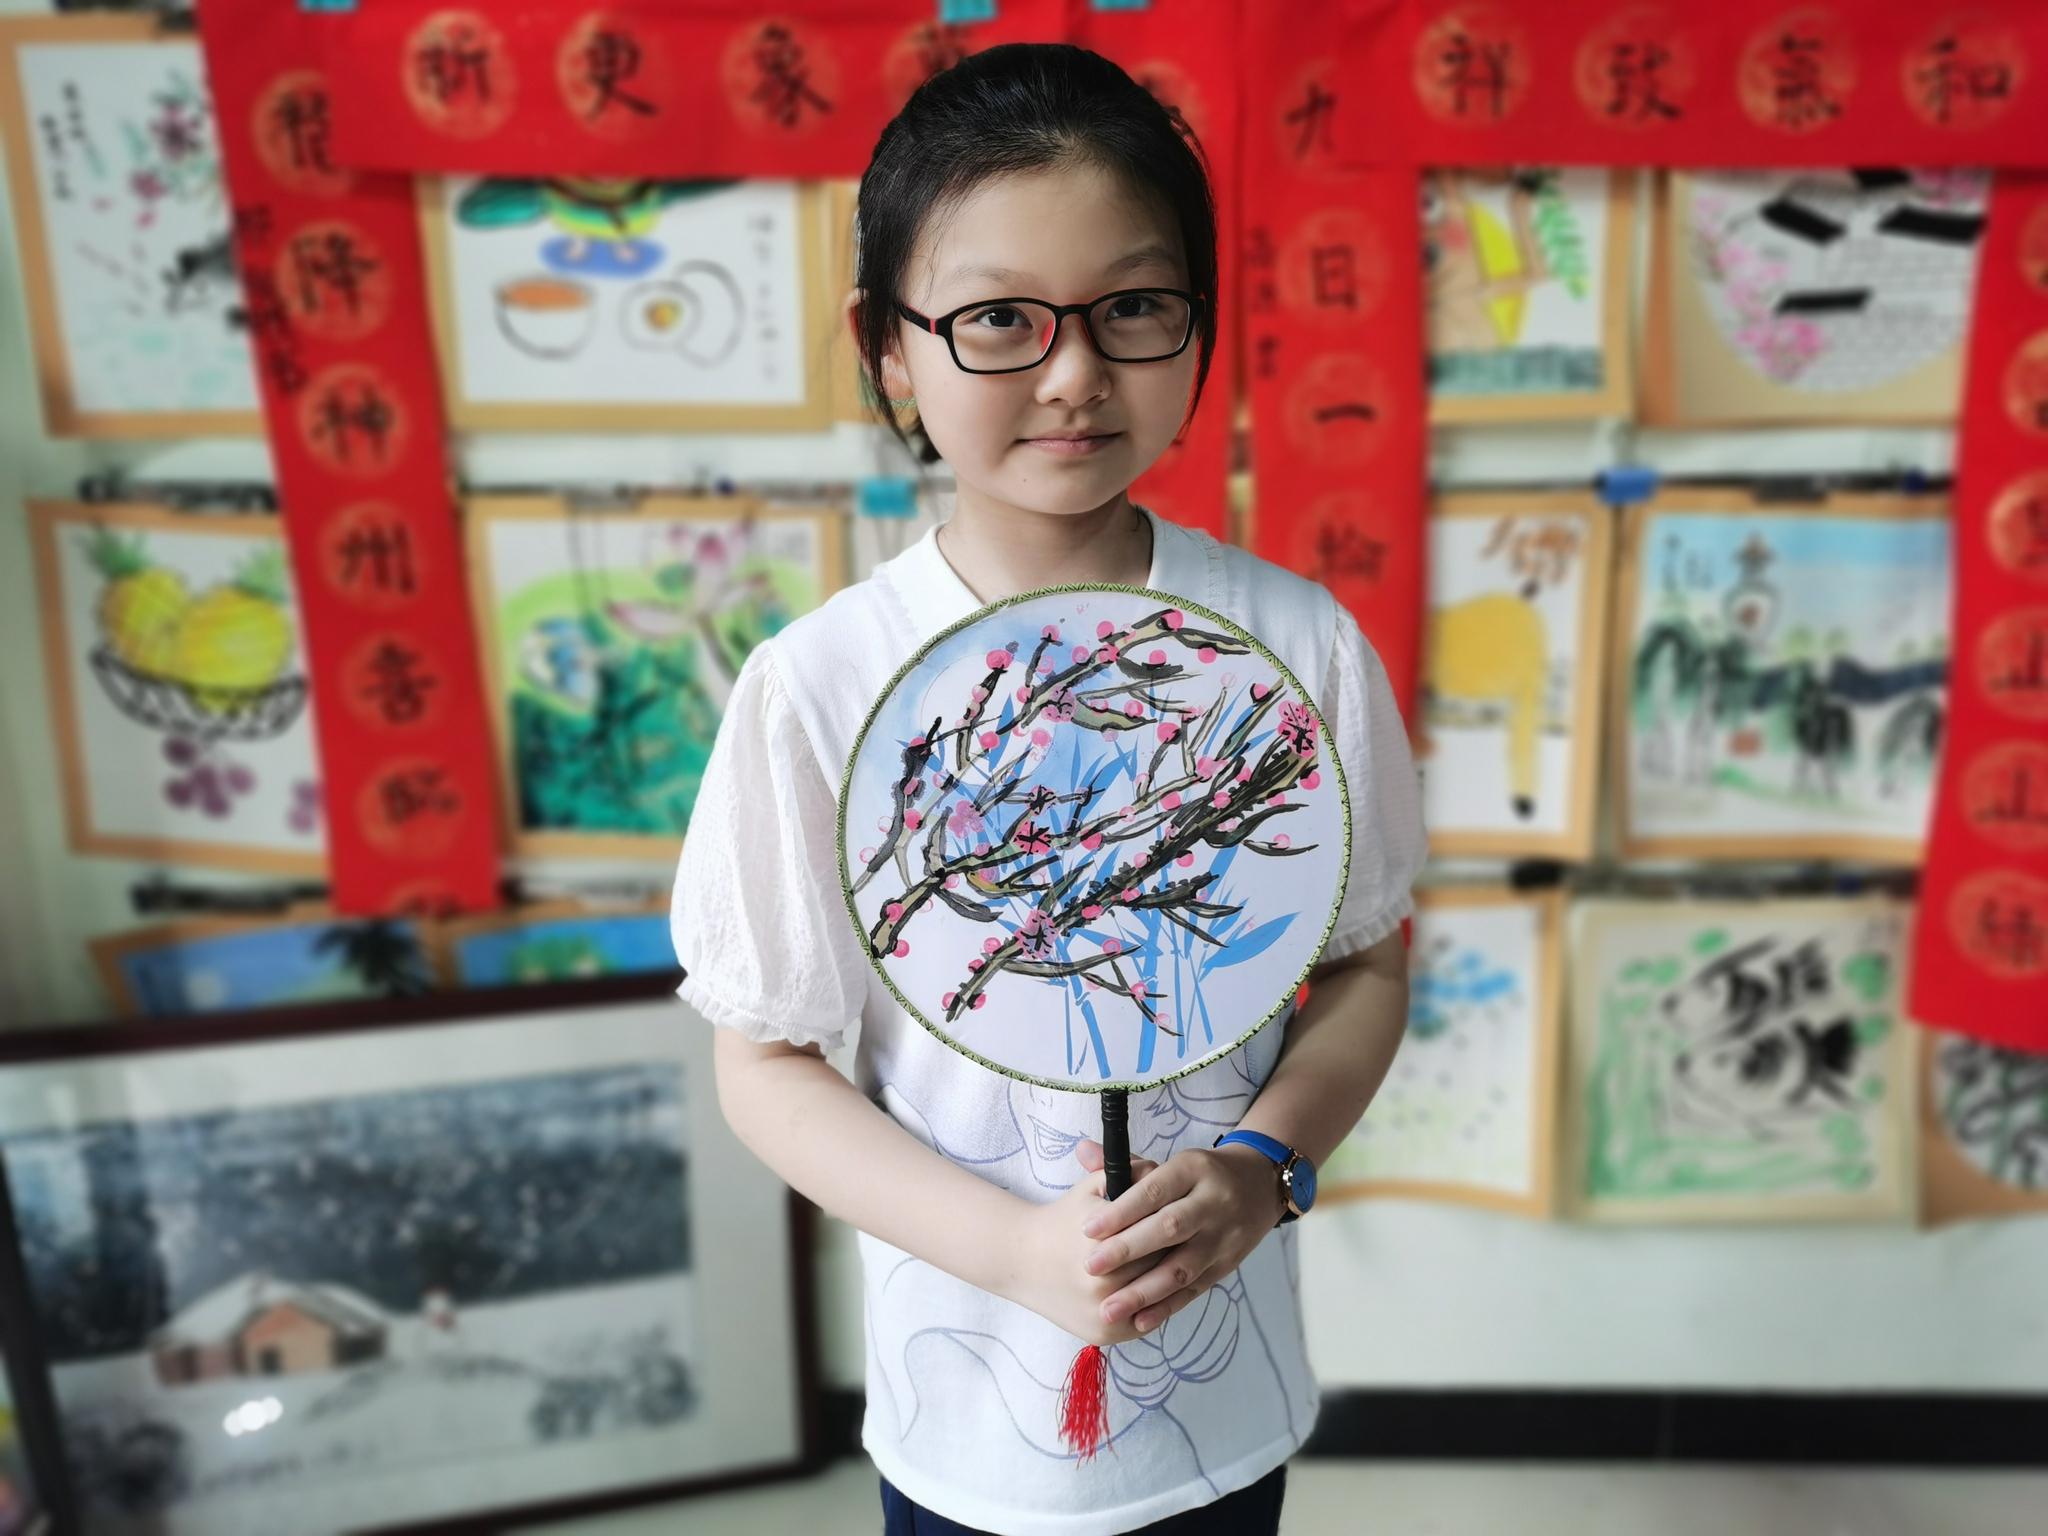 儿童水墨画分享:太有趣了,孩子们画的国画真有趣!